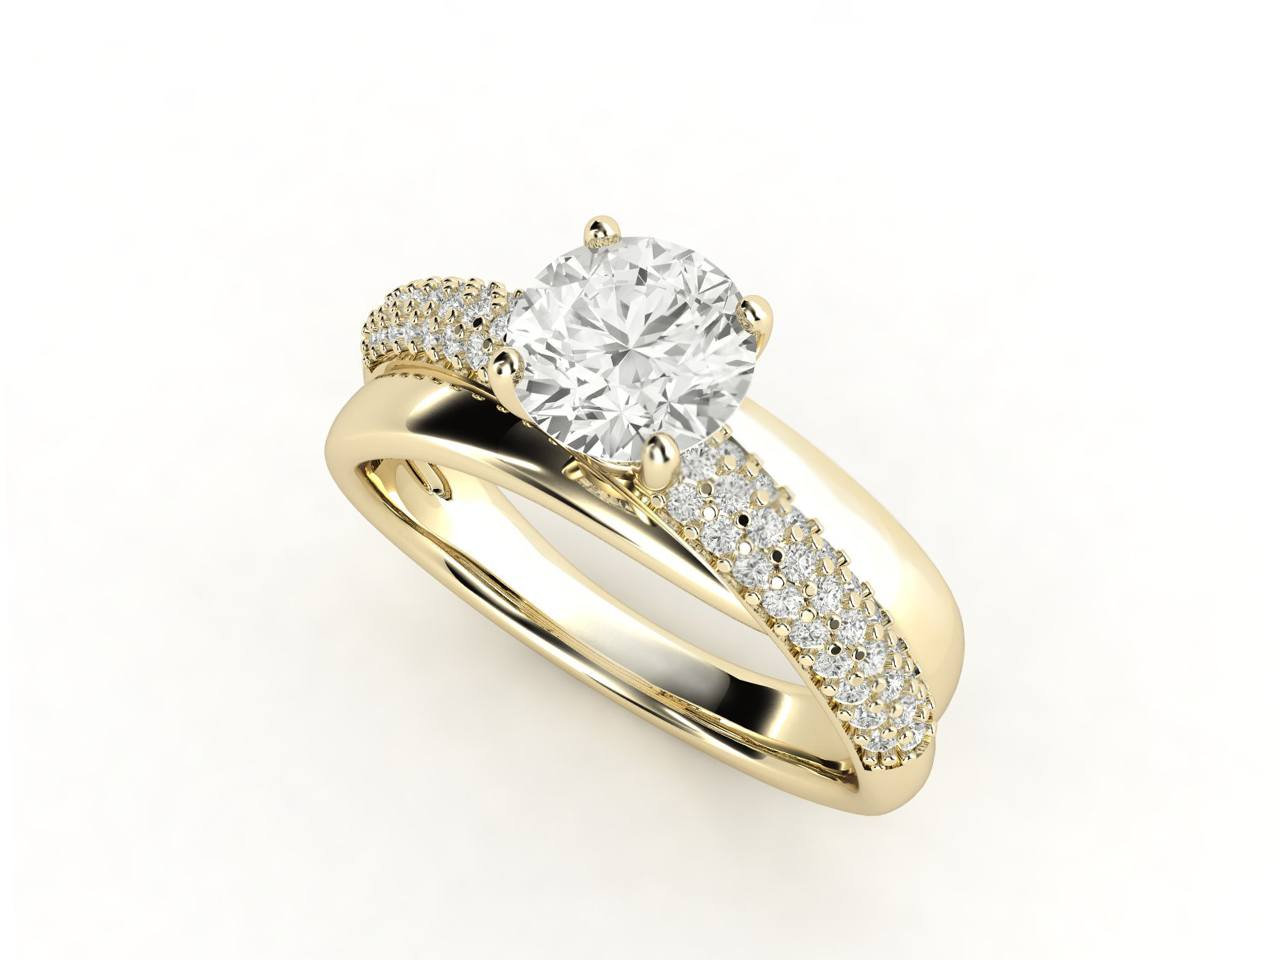 טבעת אירוסין זהב צהוב פאווה מודרני